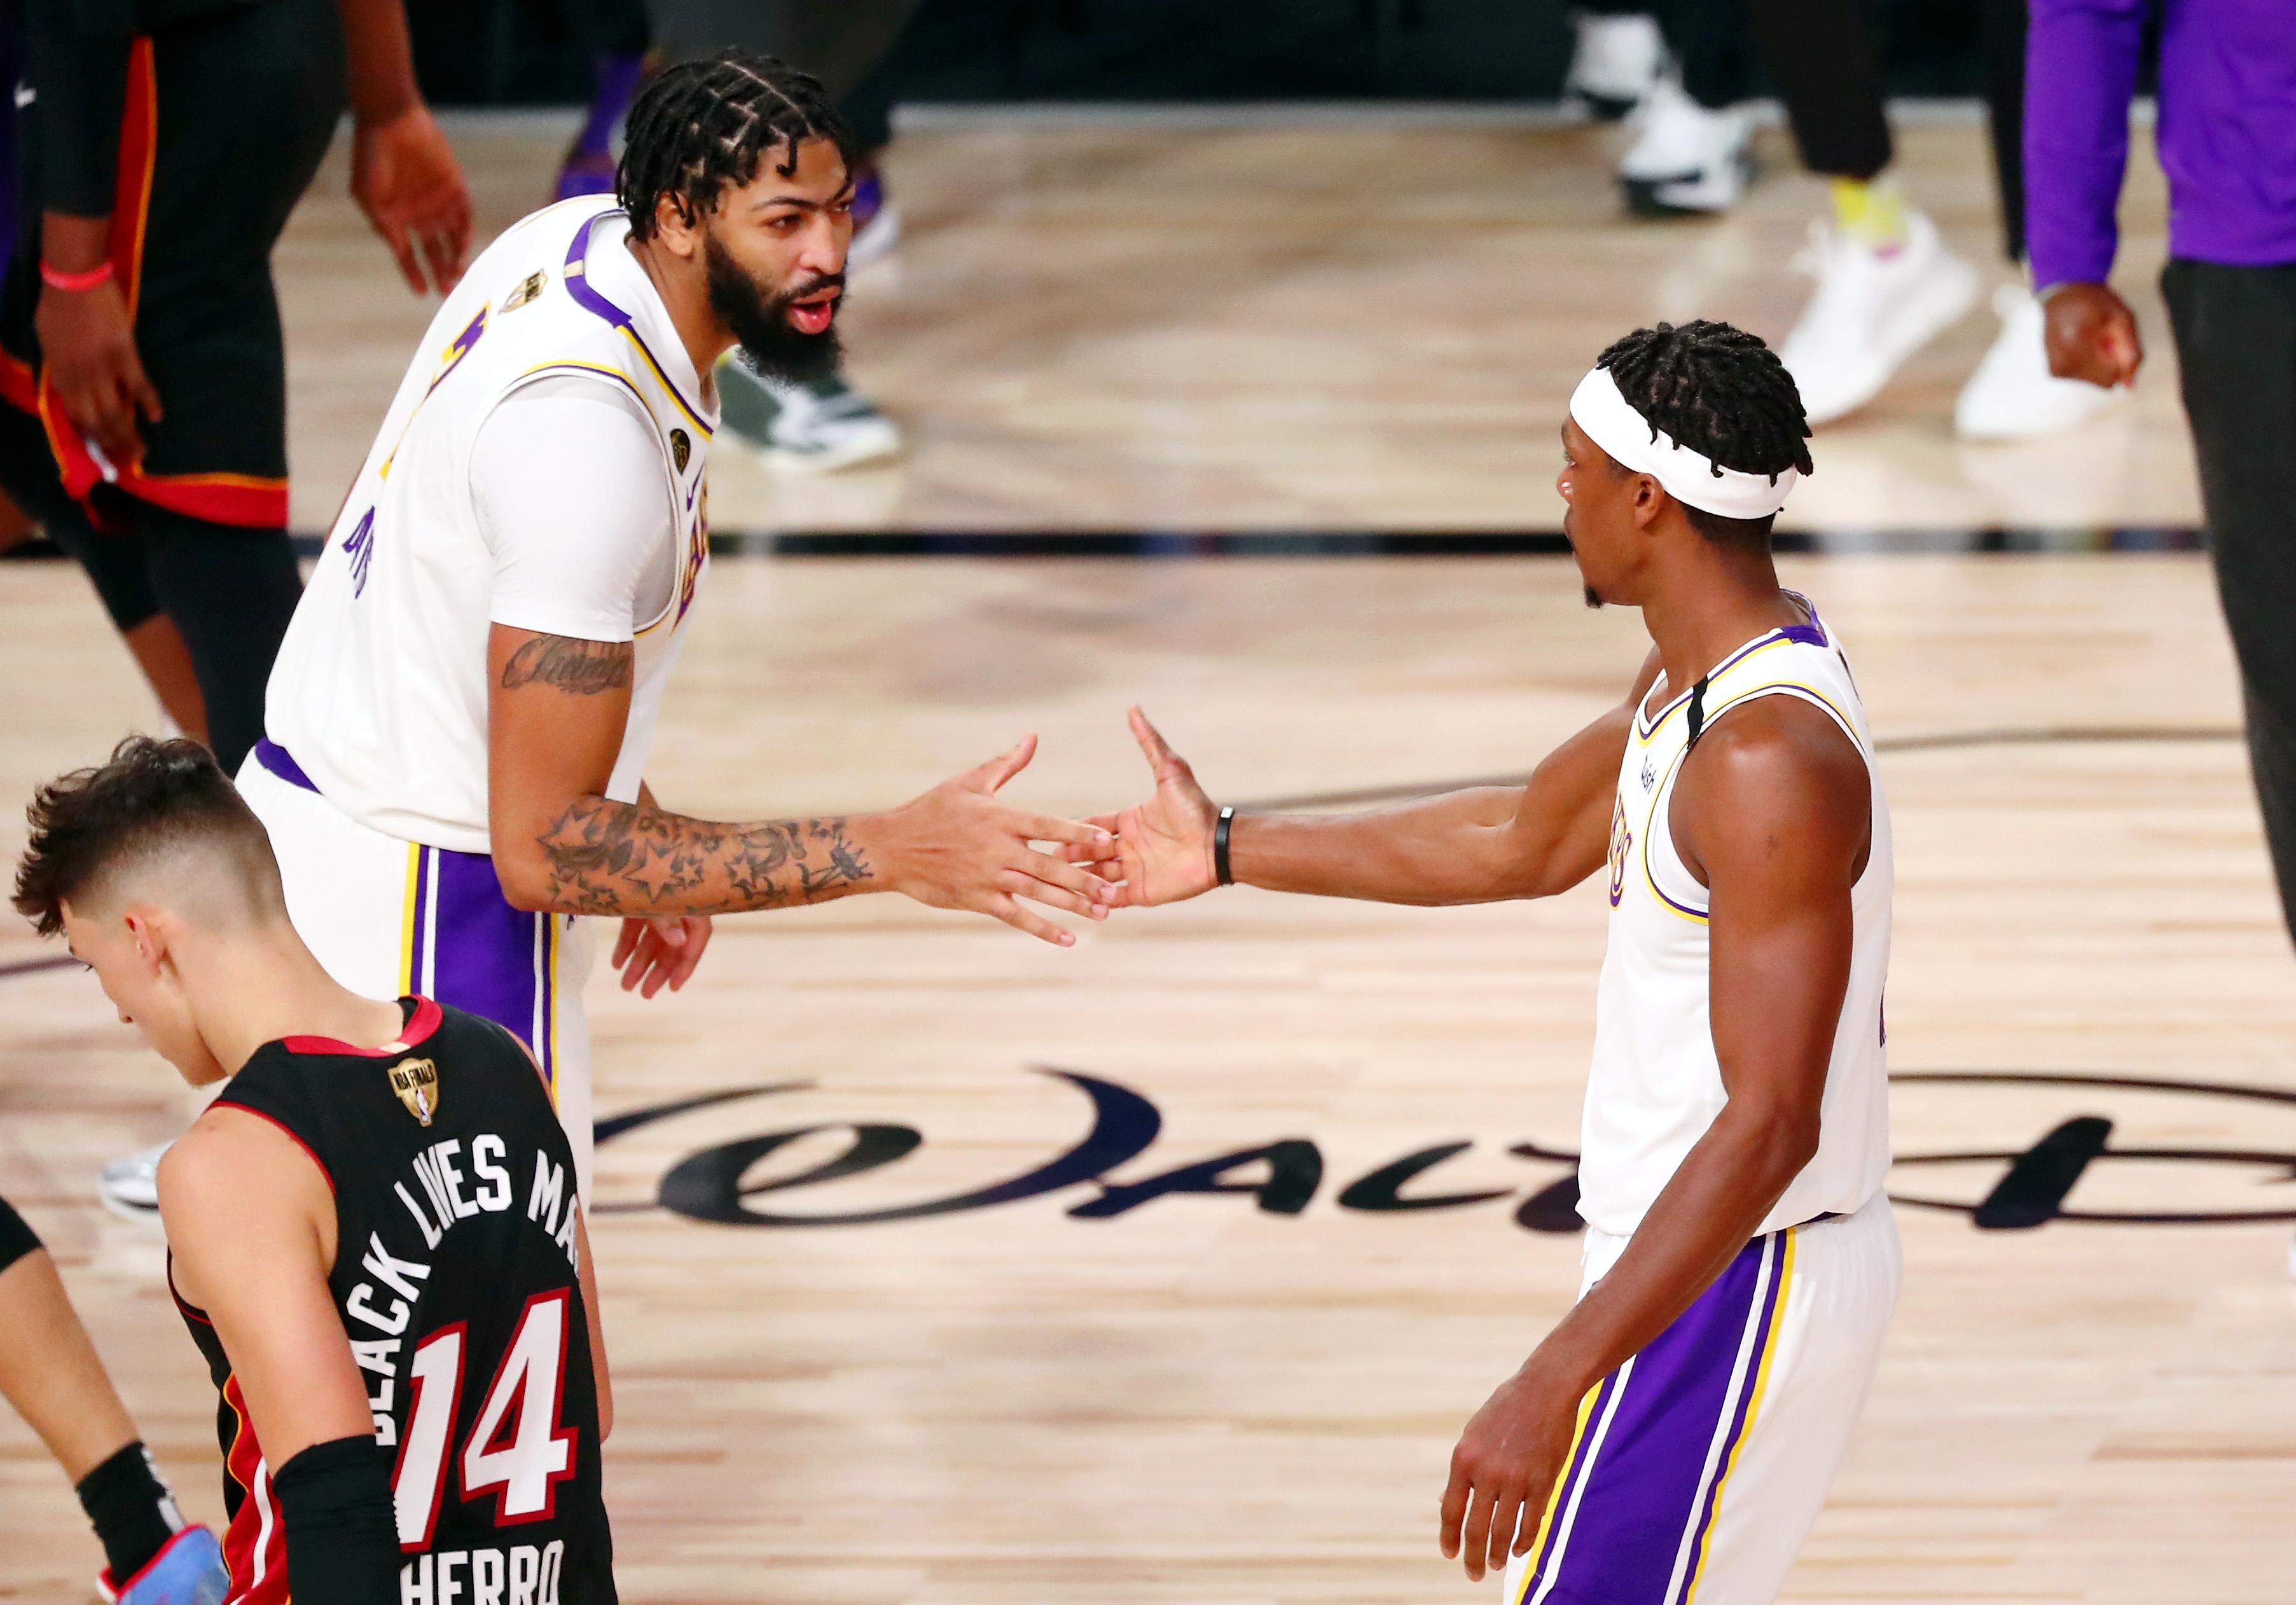 NBA: Finals-Los Angeles Lakers at Miami Heat